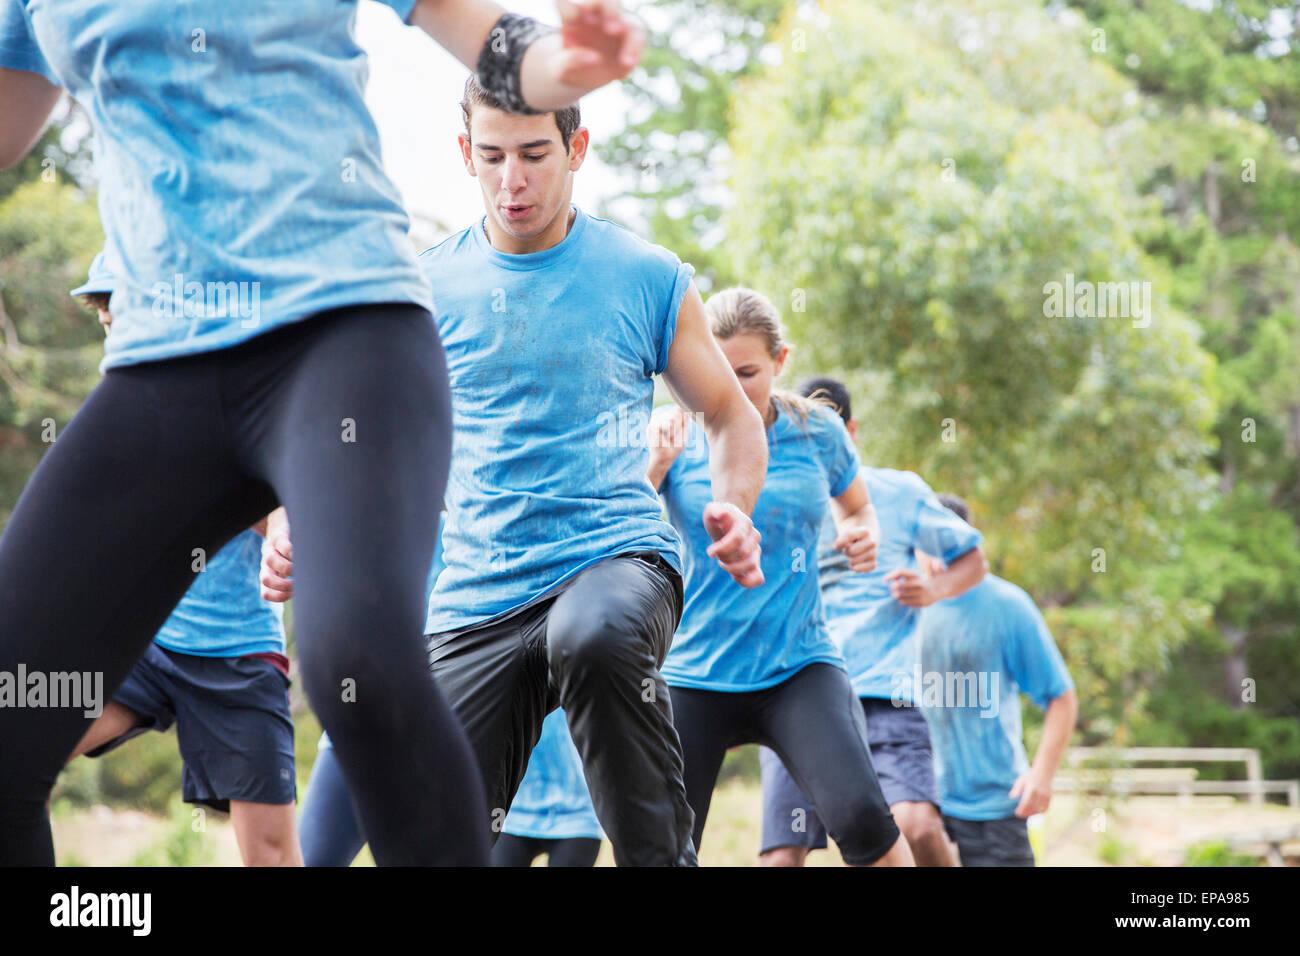 Détermination homme course à obstacles boot camp Photo Stock